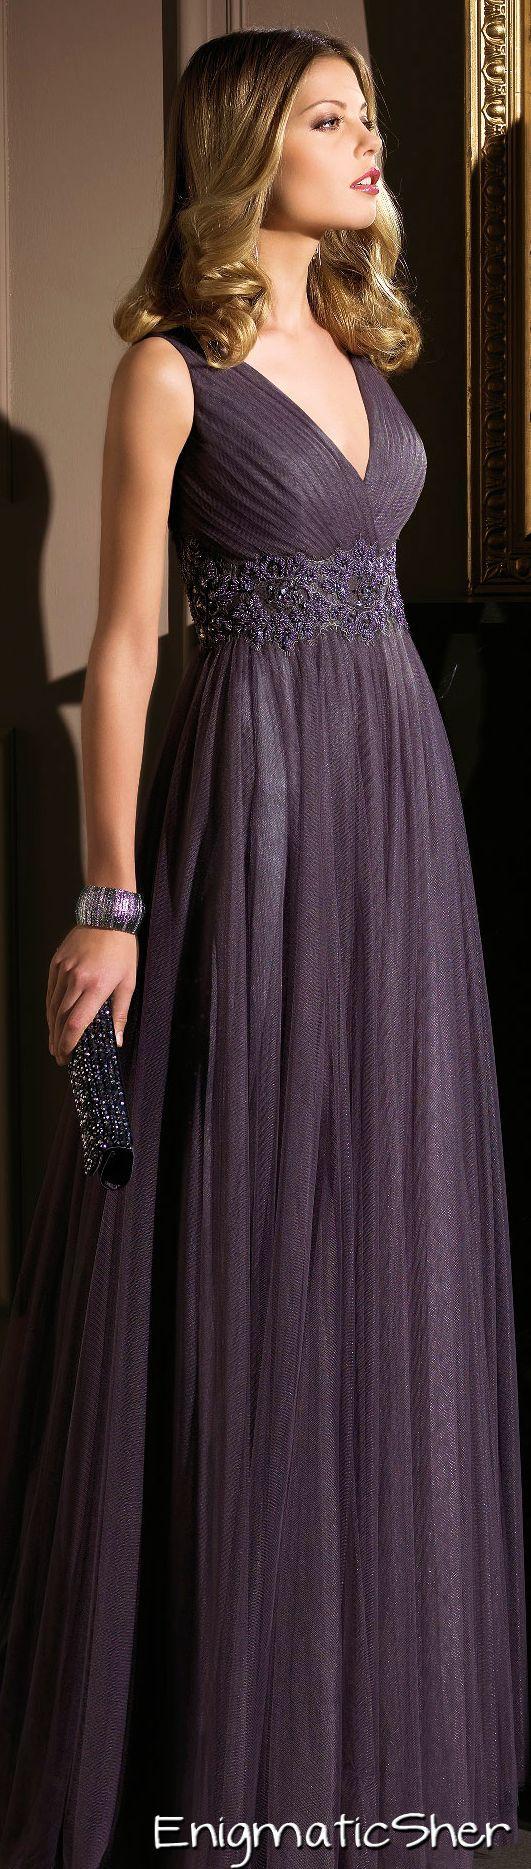 Vestidos noche | vestidos | Pinterest | Noche, Vestiditos y Vestidos ...